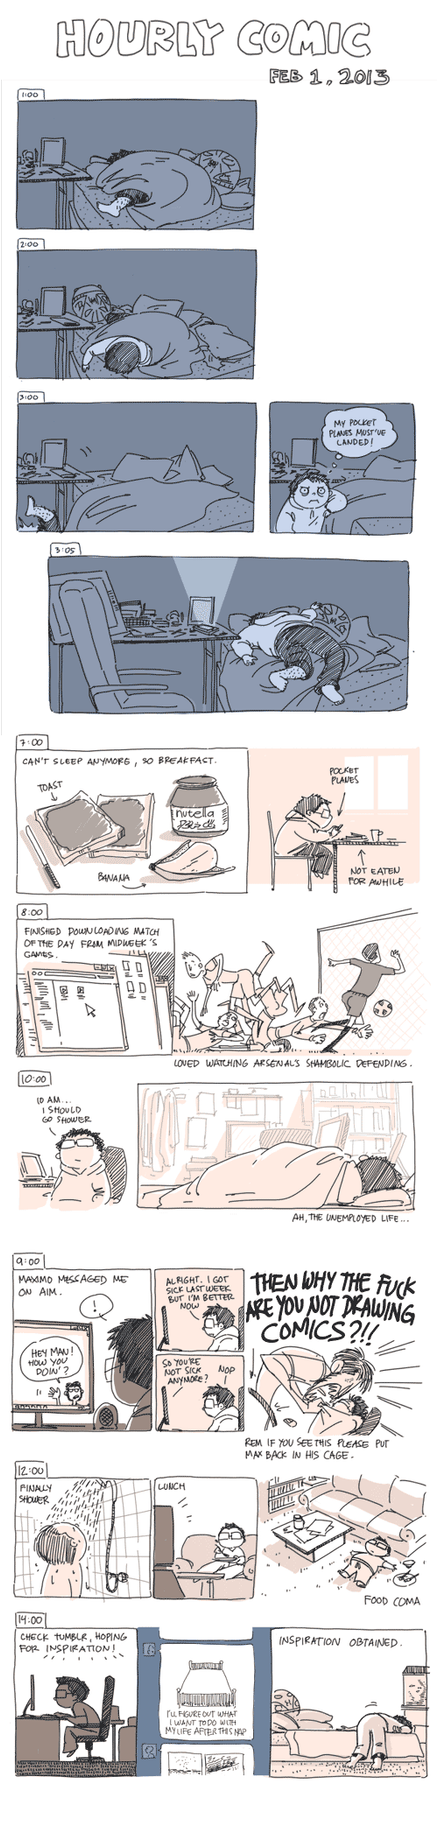 Hourly Comic 2013 by e1n